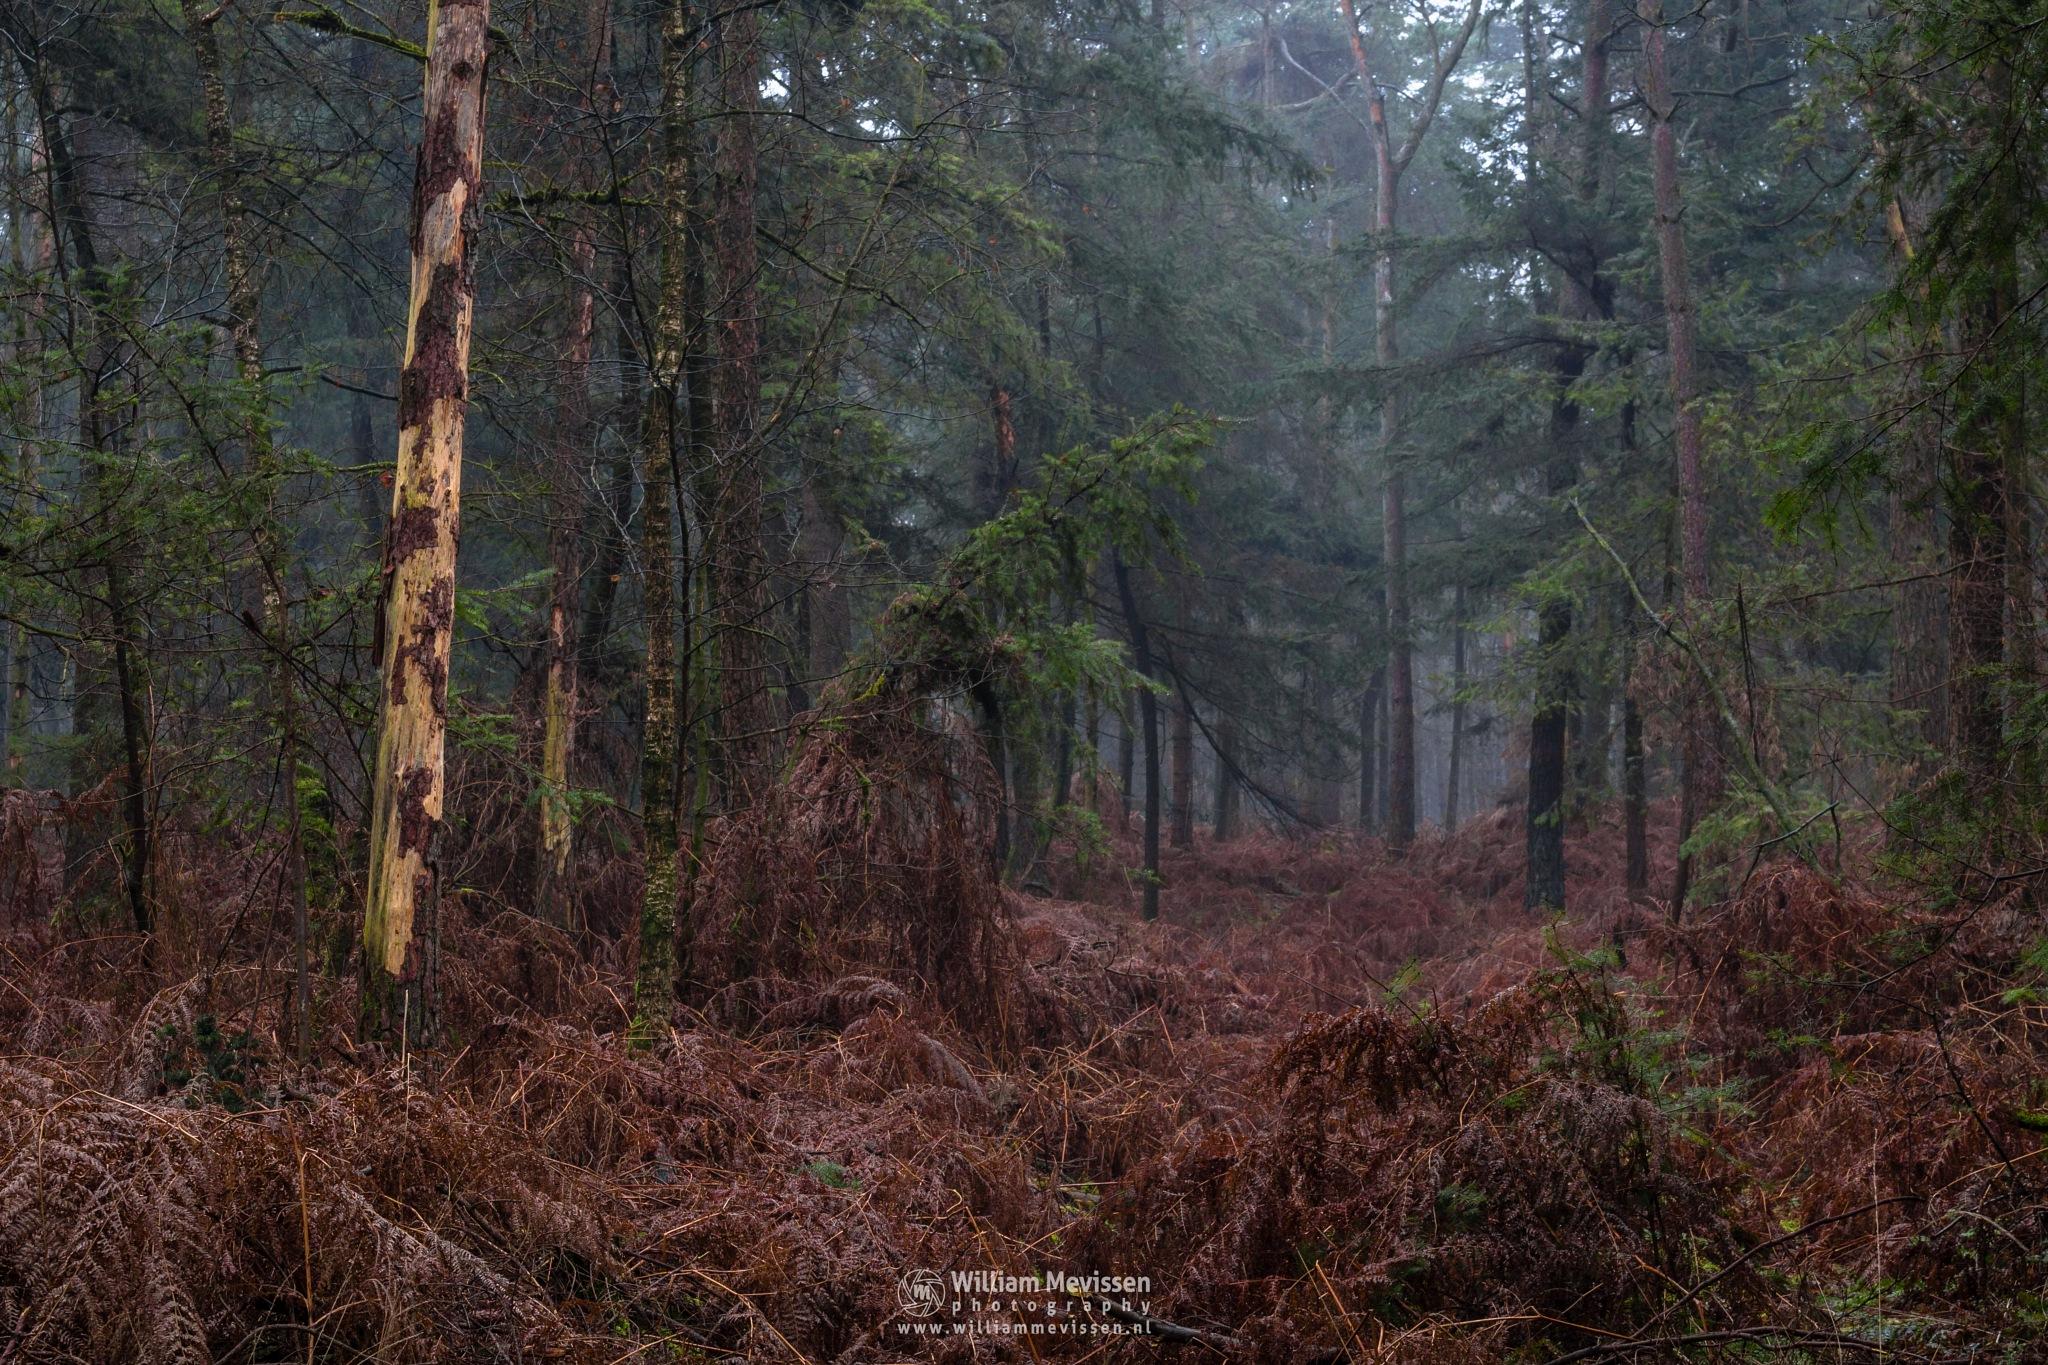 Forest Vegetation by William Mevissen